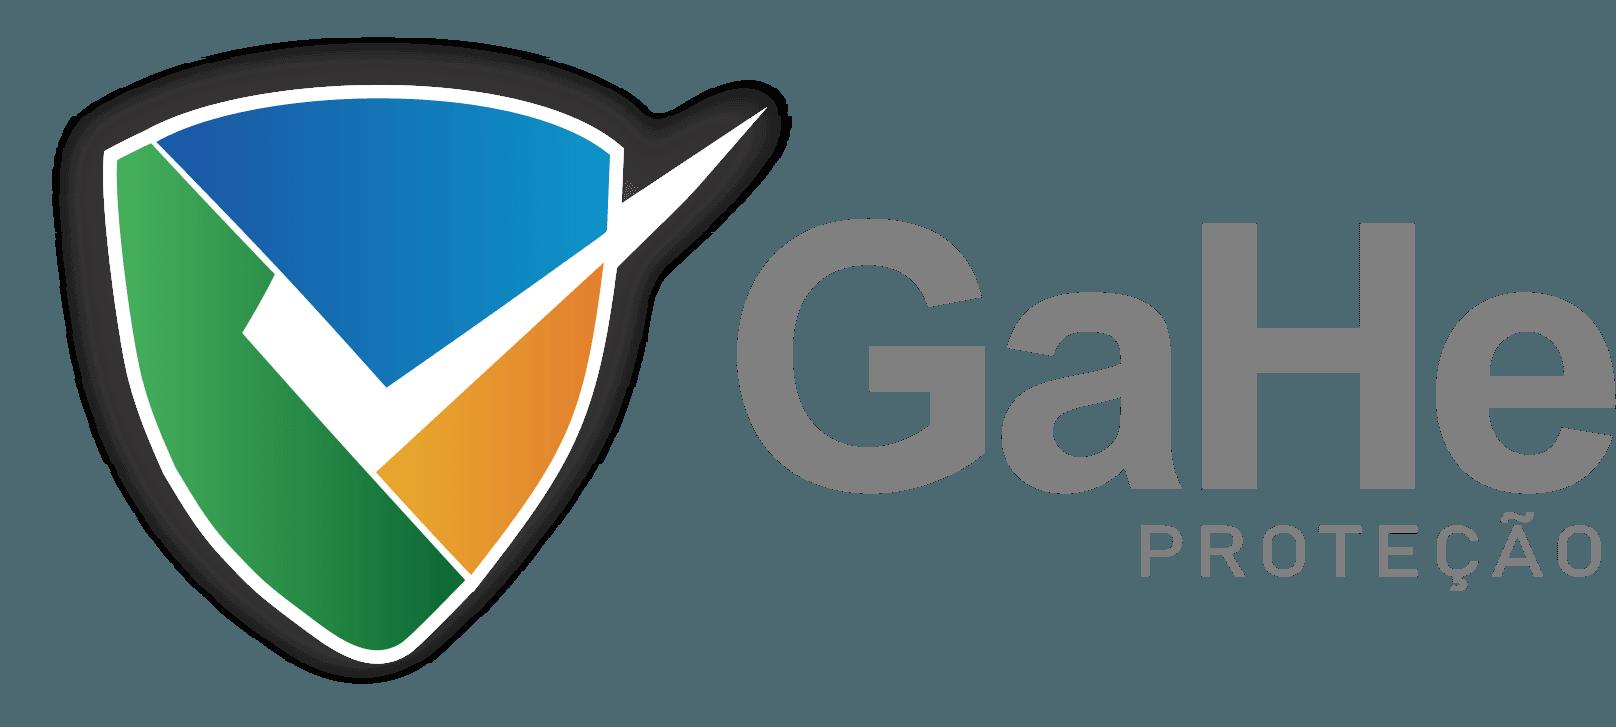 GaHe - GaHe